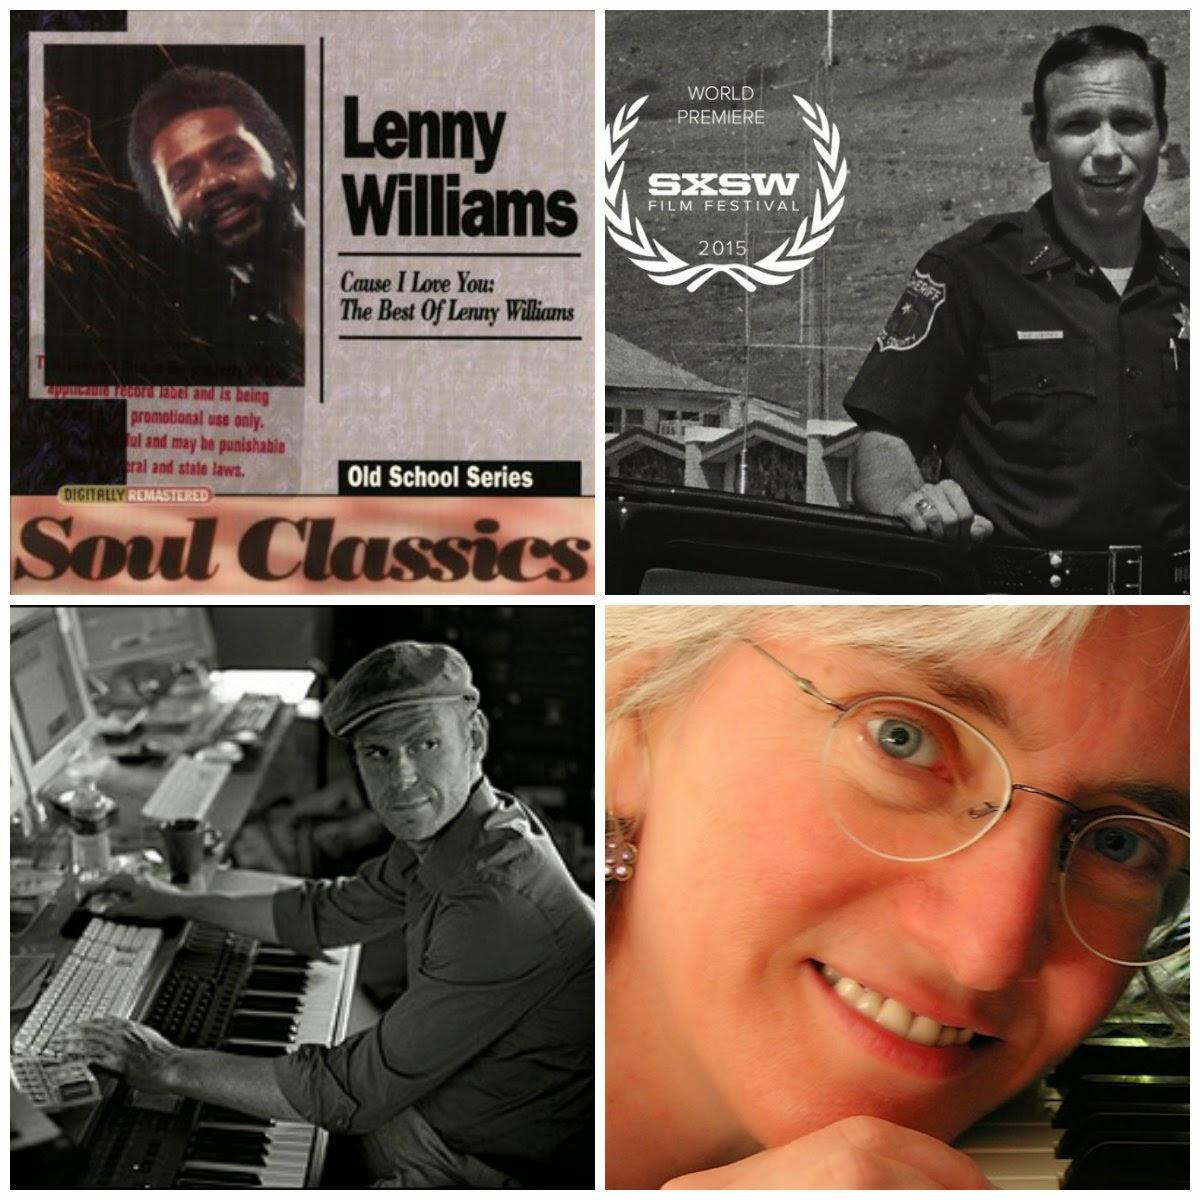 WUSB 90 1 FM Stony Brook, NY | Radio Free : Long Island